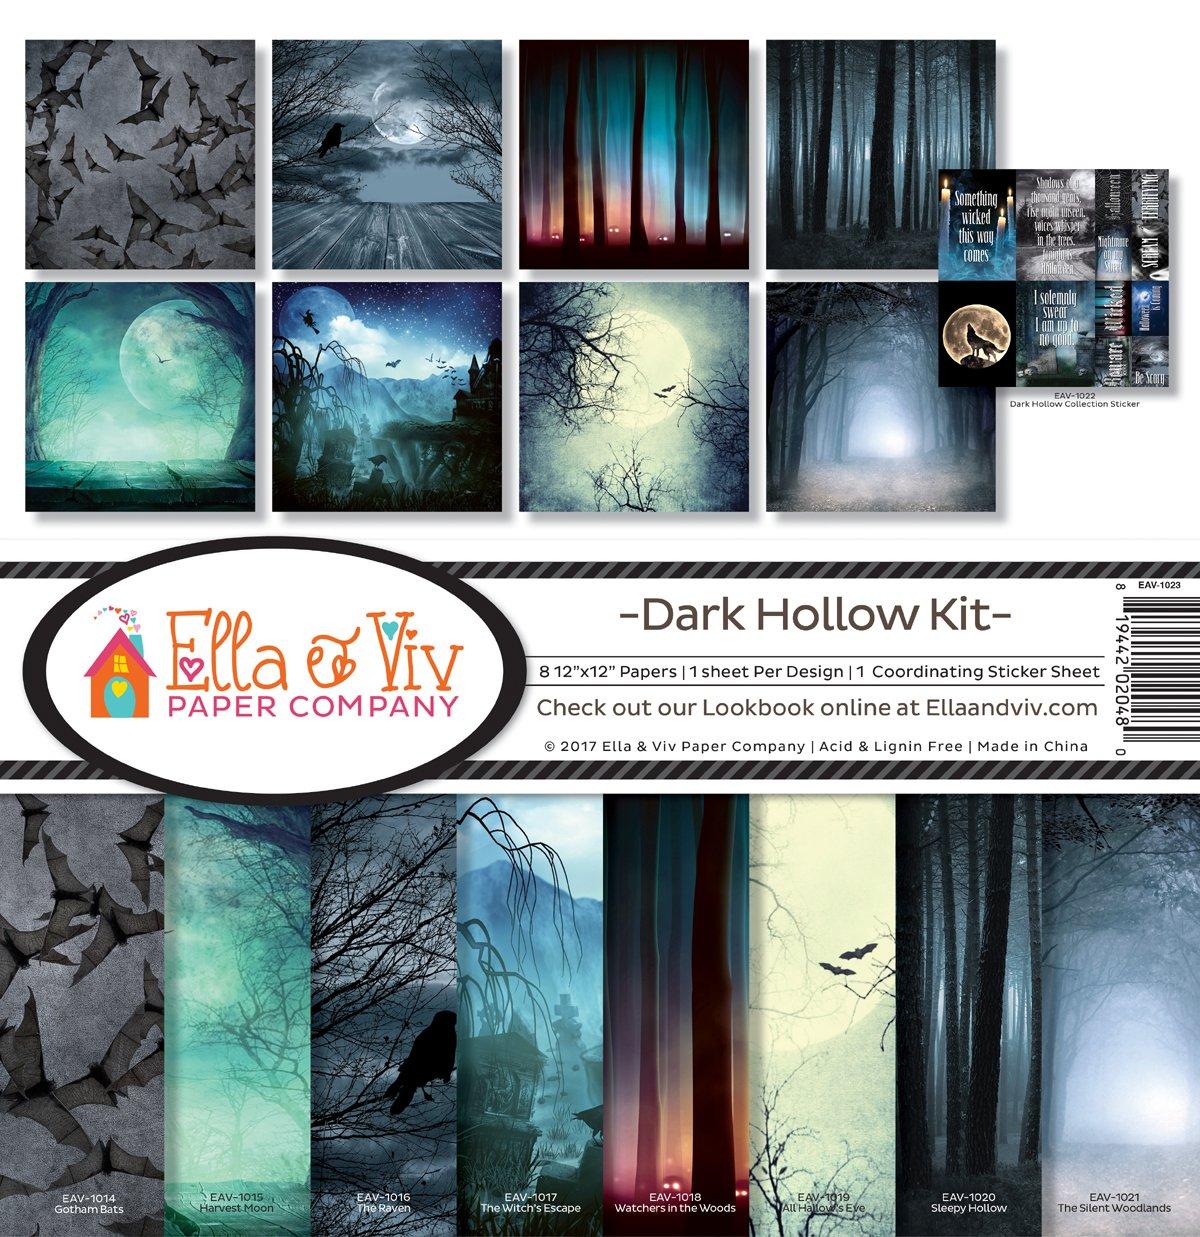 Ella & Viv by Reminisce Dark Hallow Scrapbook Collection Kit by Ella & Viv by Reminisce